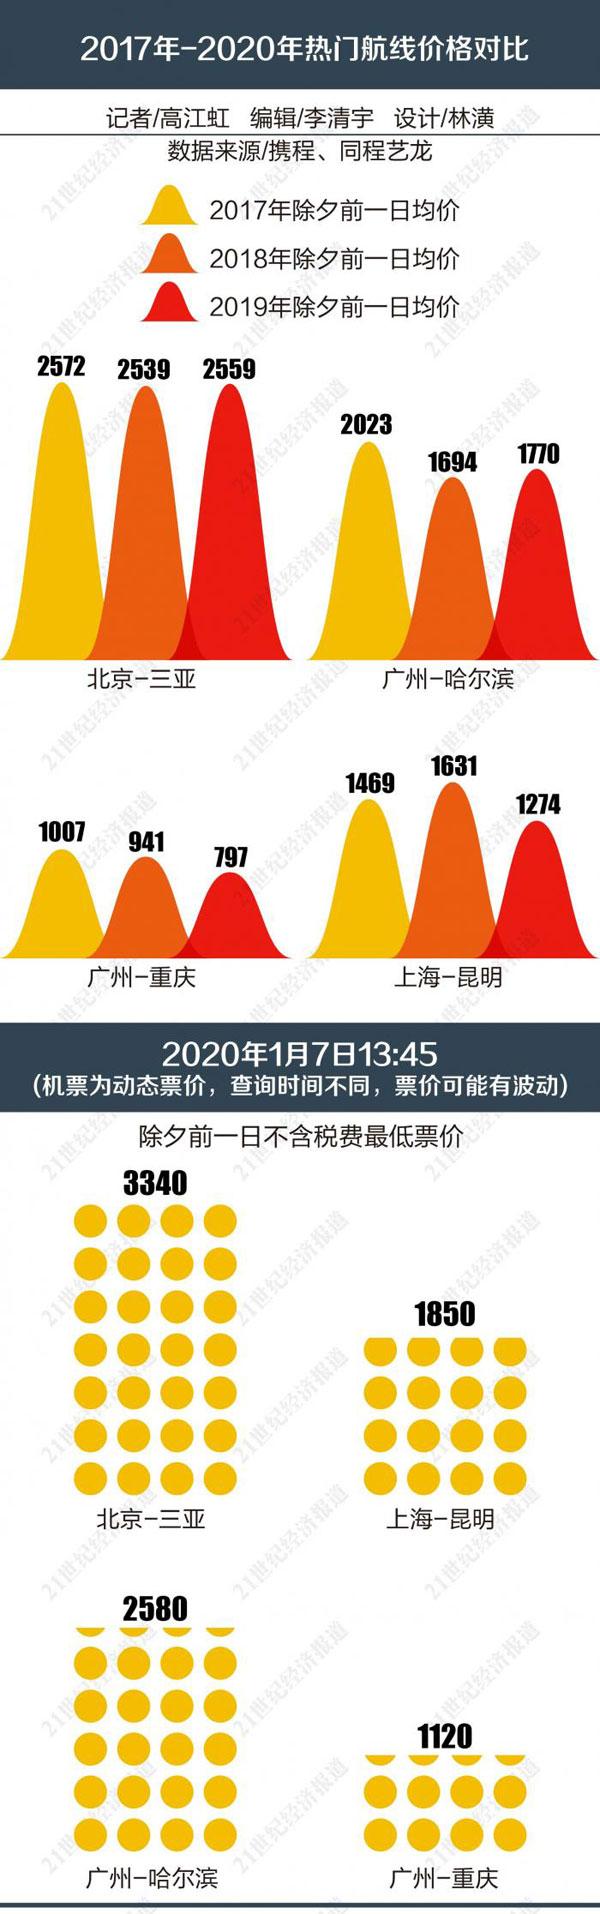 """2020年春運:航司市場化改革遭遇春節""""難題"""""""